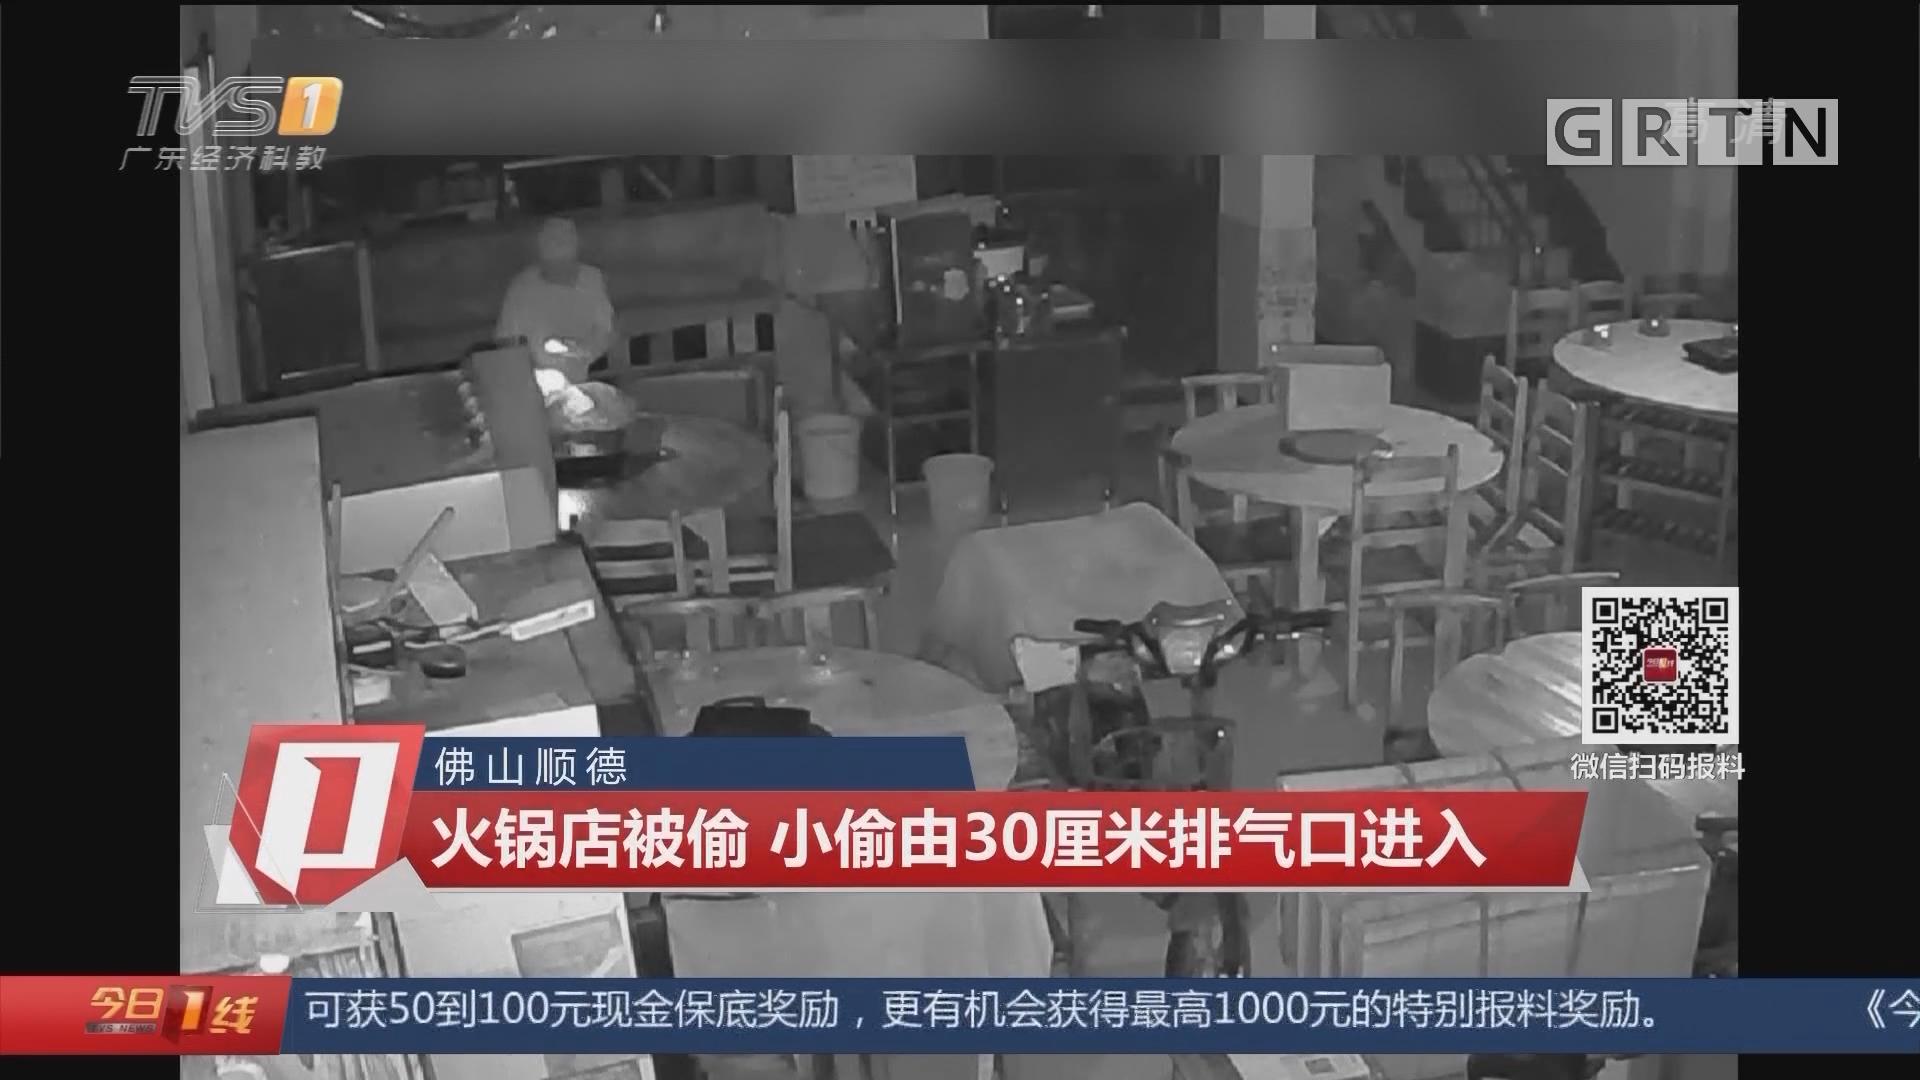 佛山顺德:火锅店被偷 小偷由30厘米排气口进入